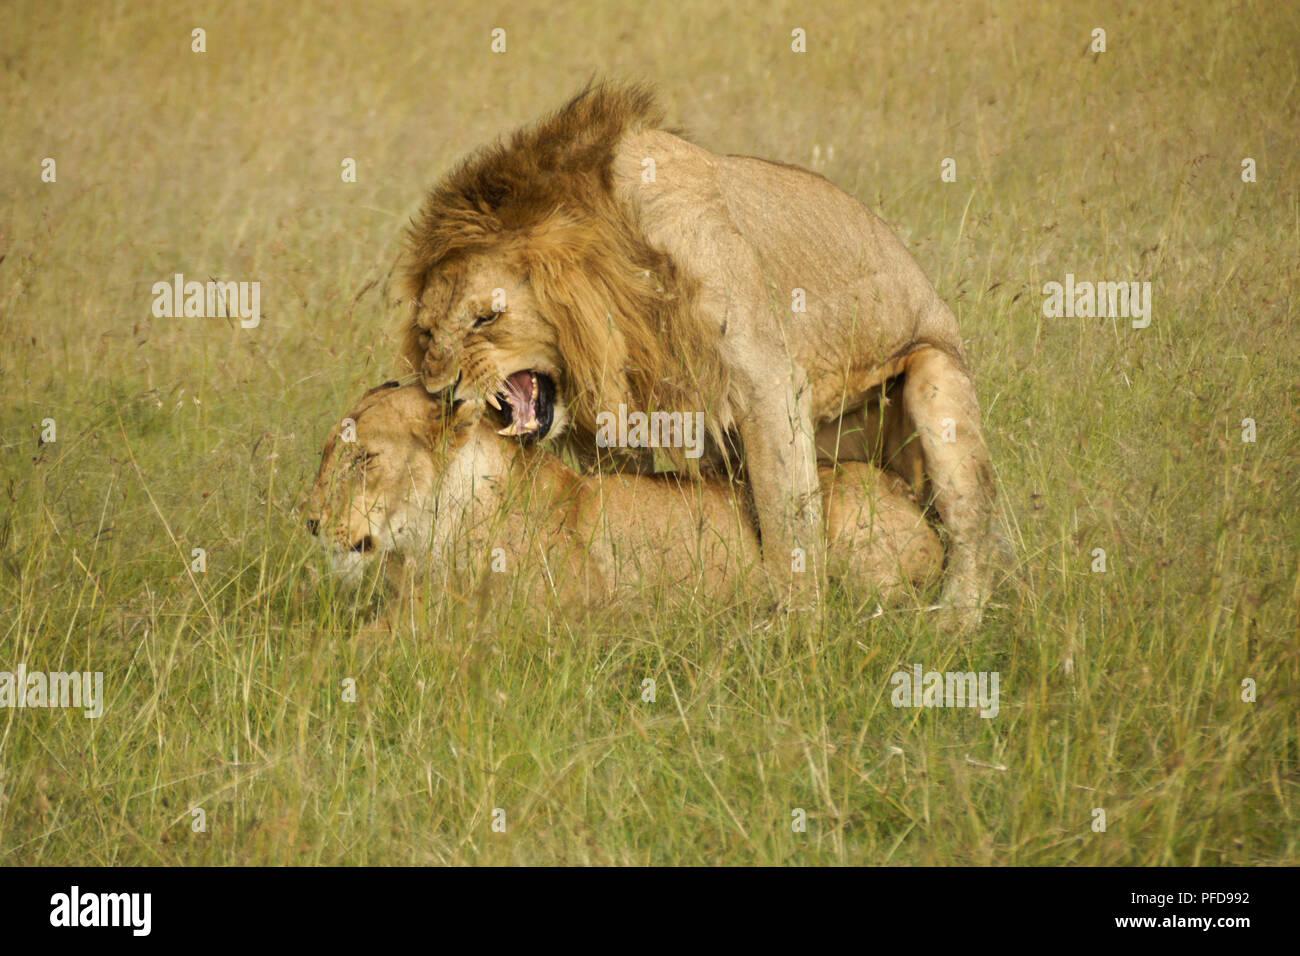 Acoplamiento de los leones en el césped largo, la reserva Masai Mara, Kenia Imagen De Stock